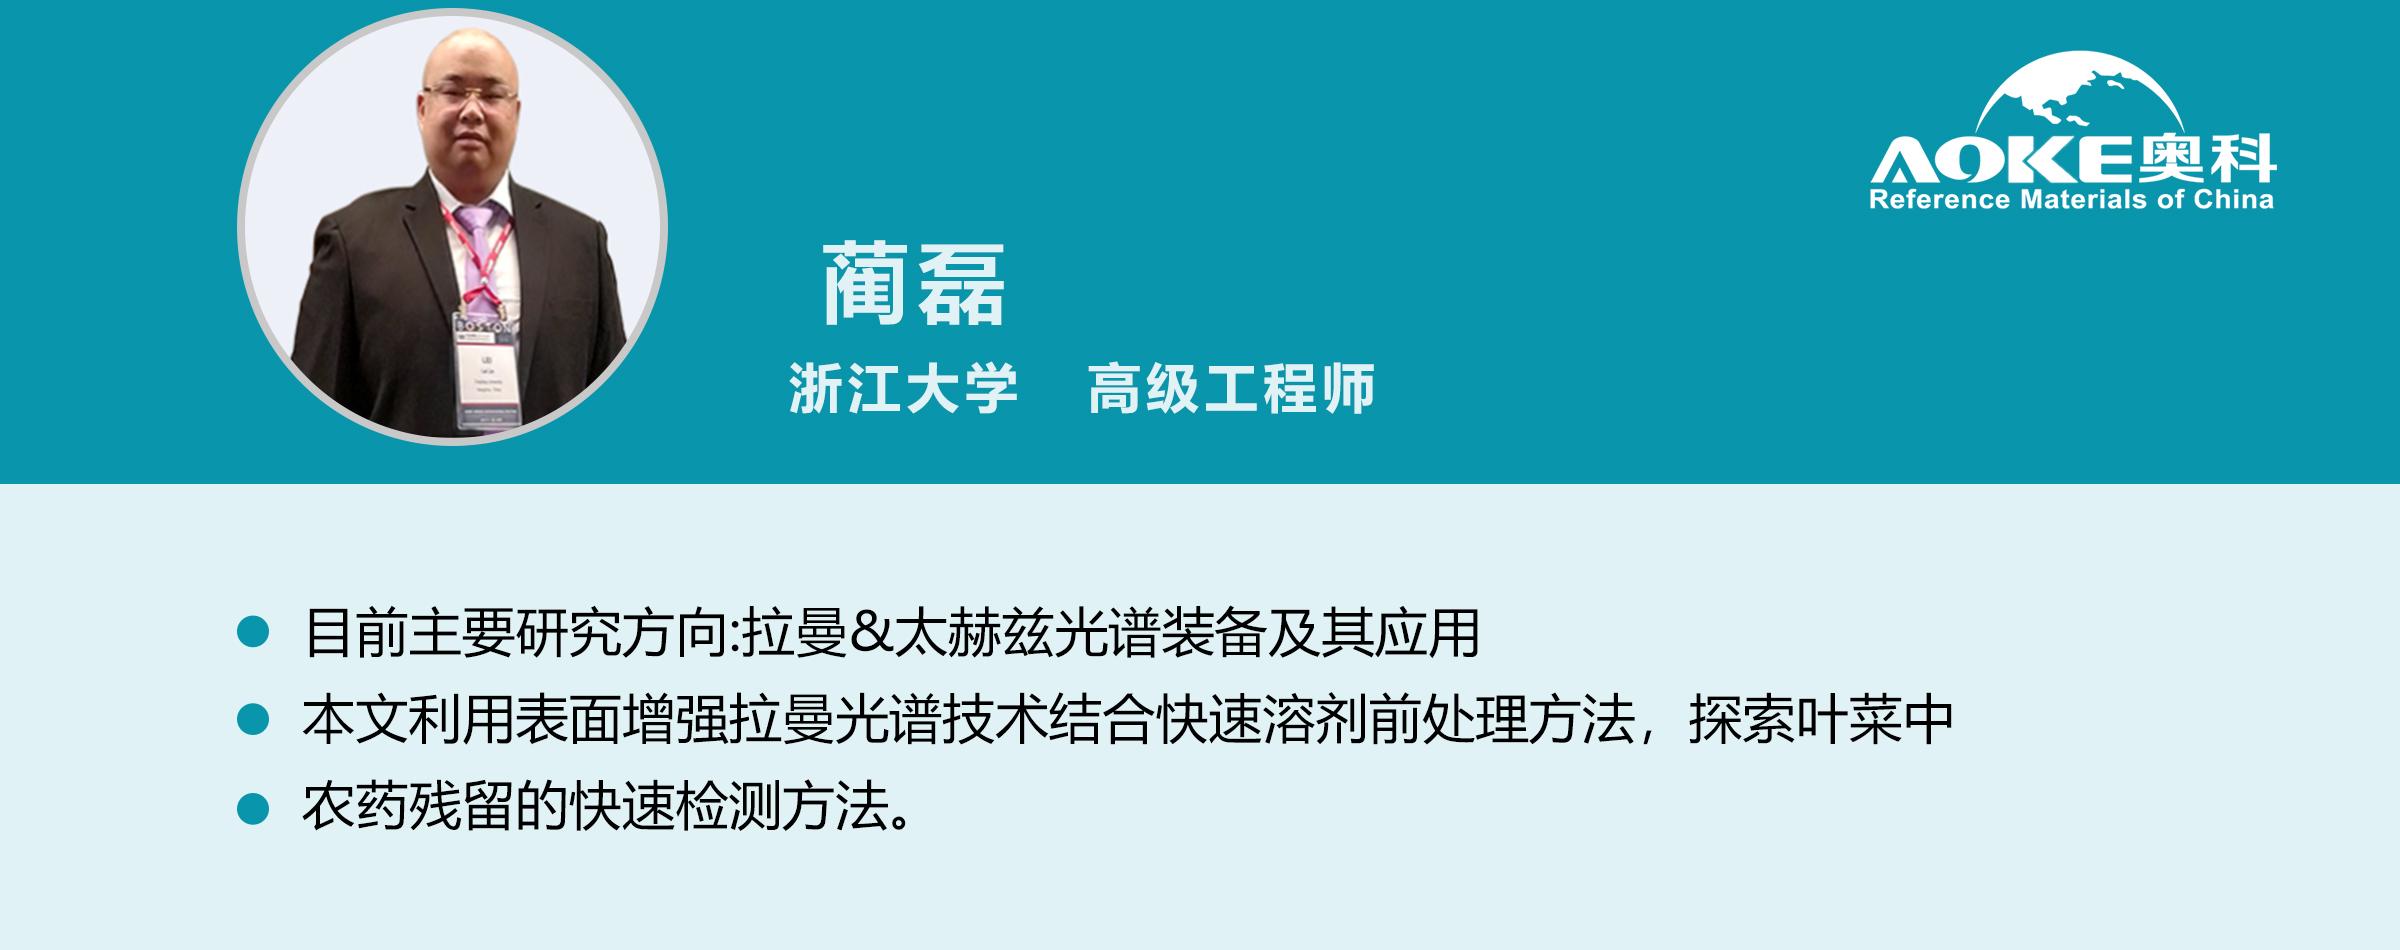 蔺磊-www.bzwz.com-奥科集团-国家标准物质网